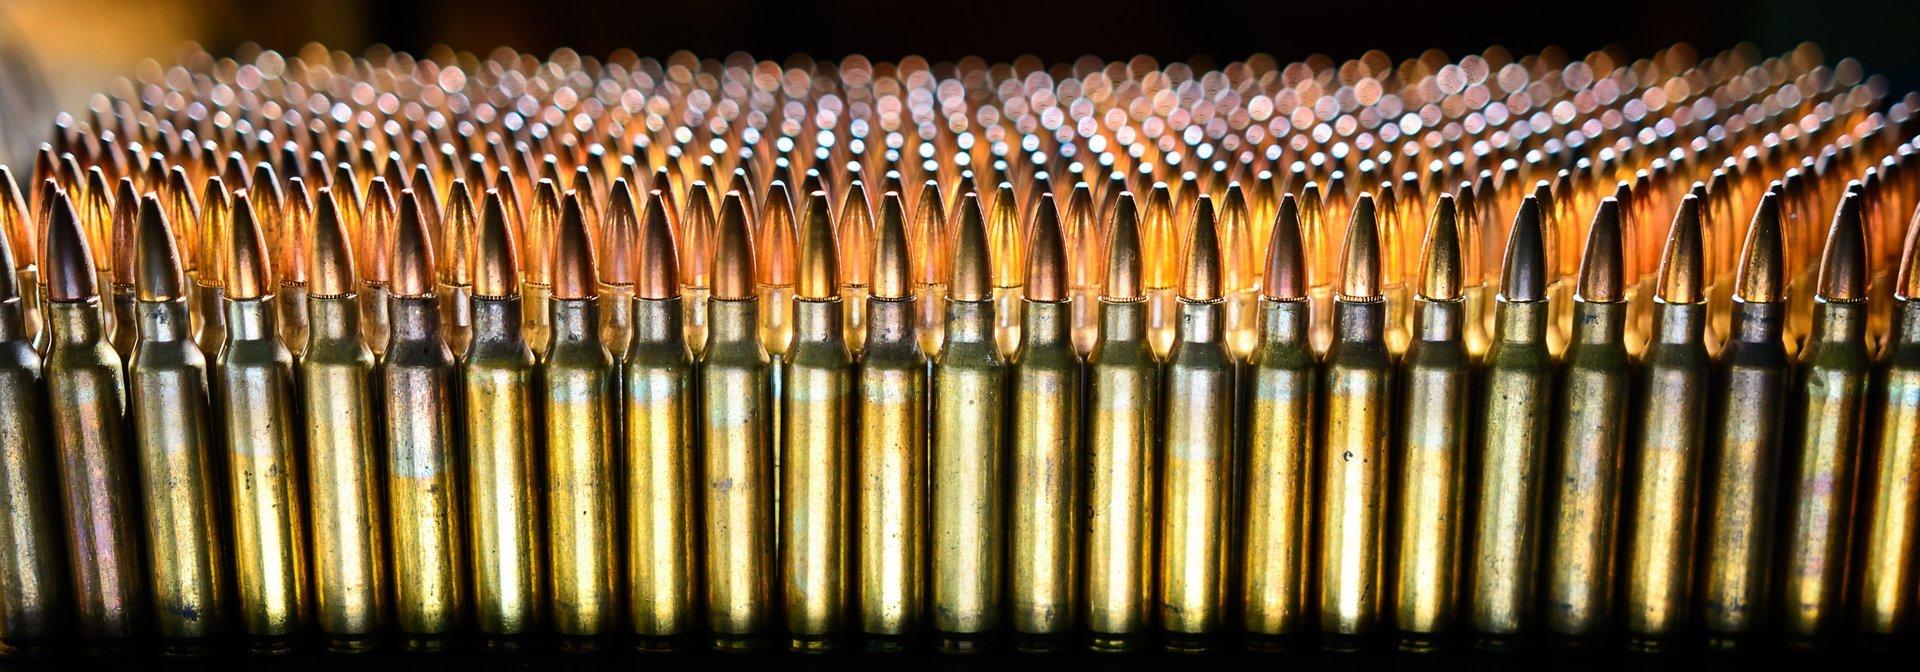 Gunsmith materials